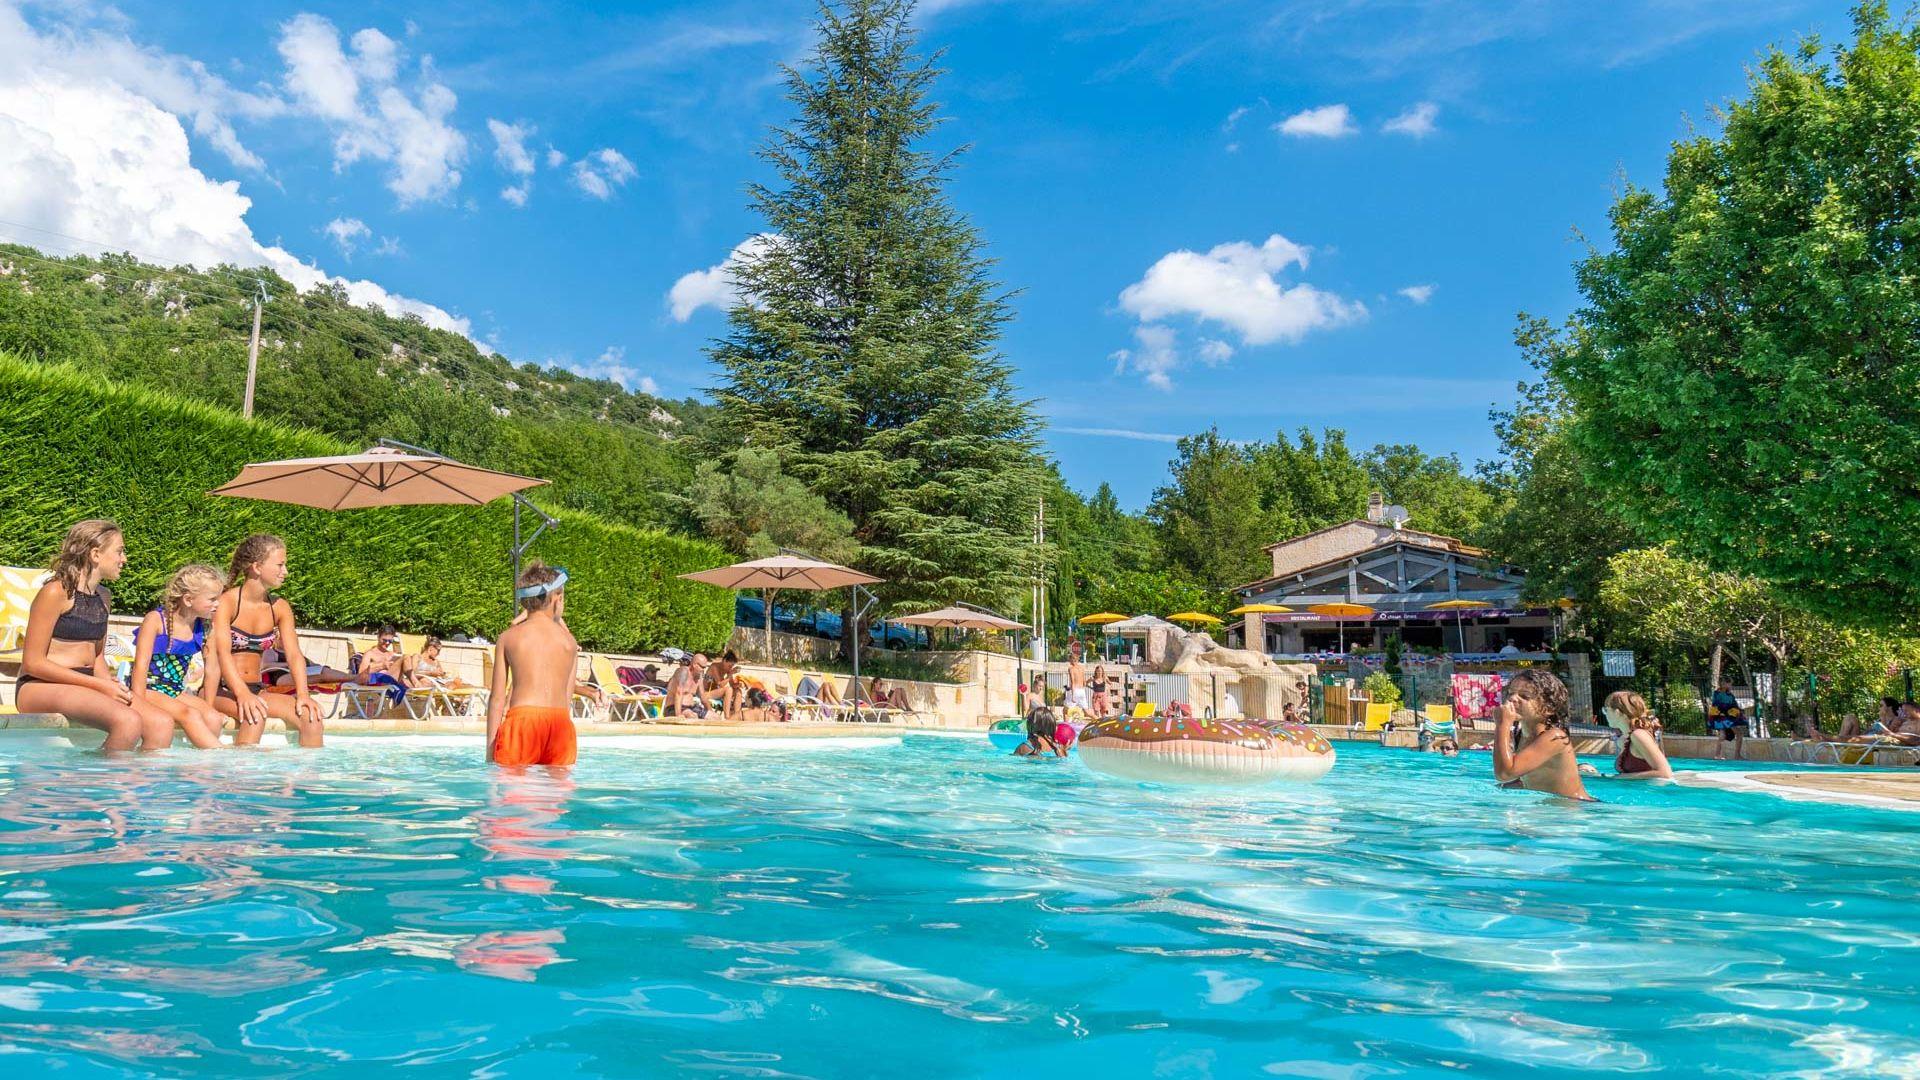 Camping dans le Verdon, la piscine